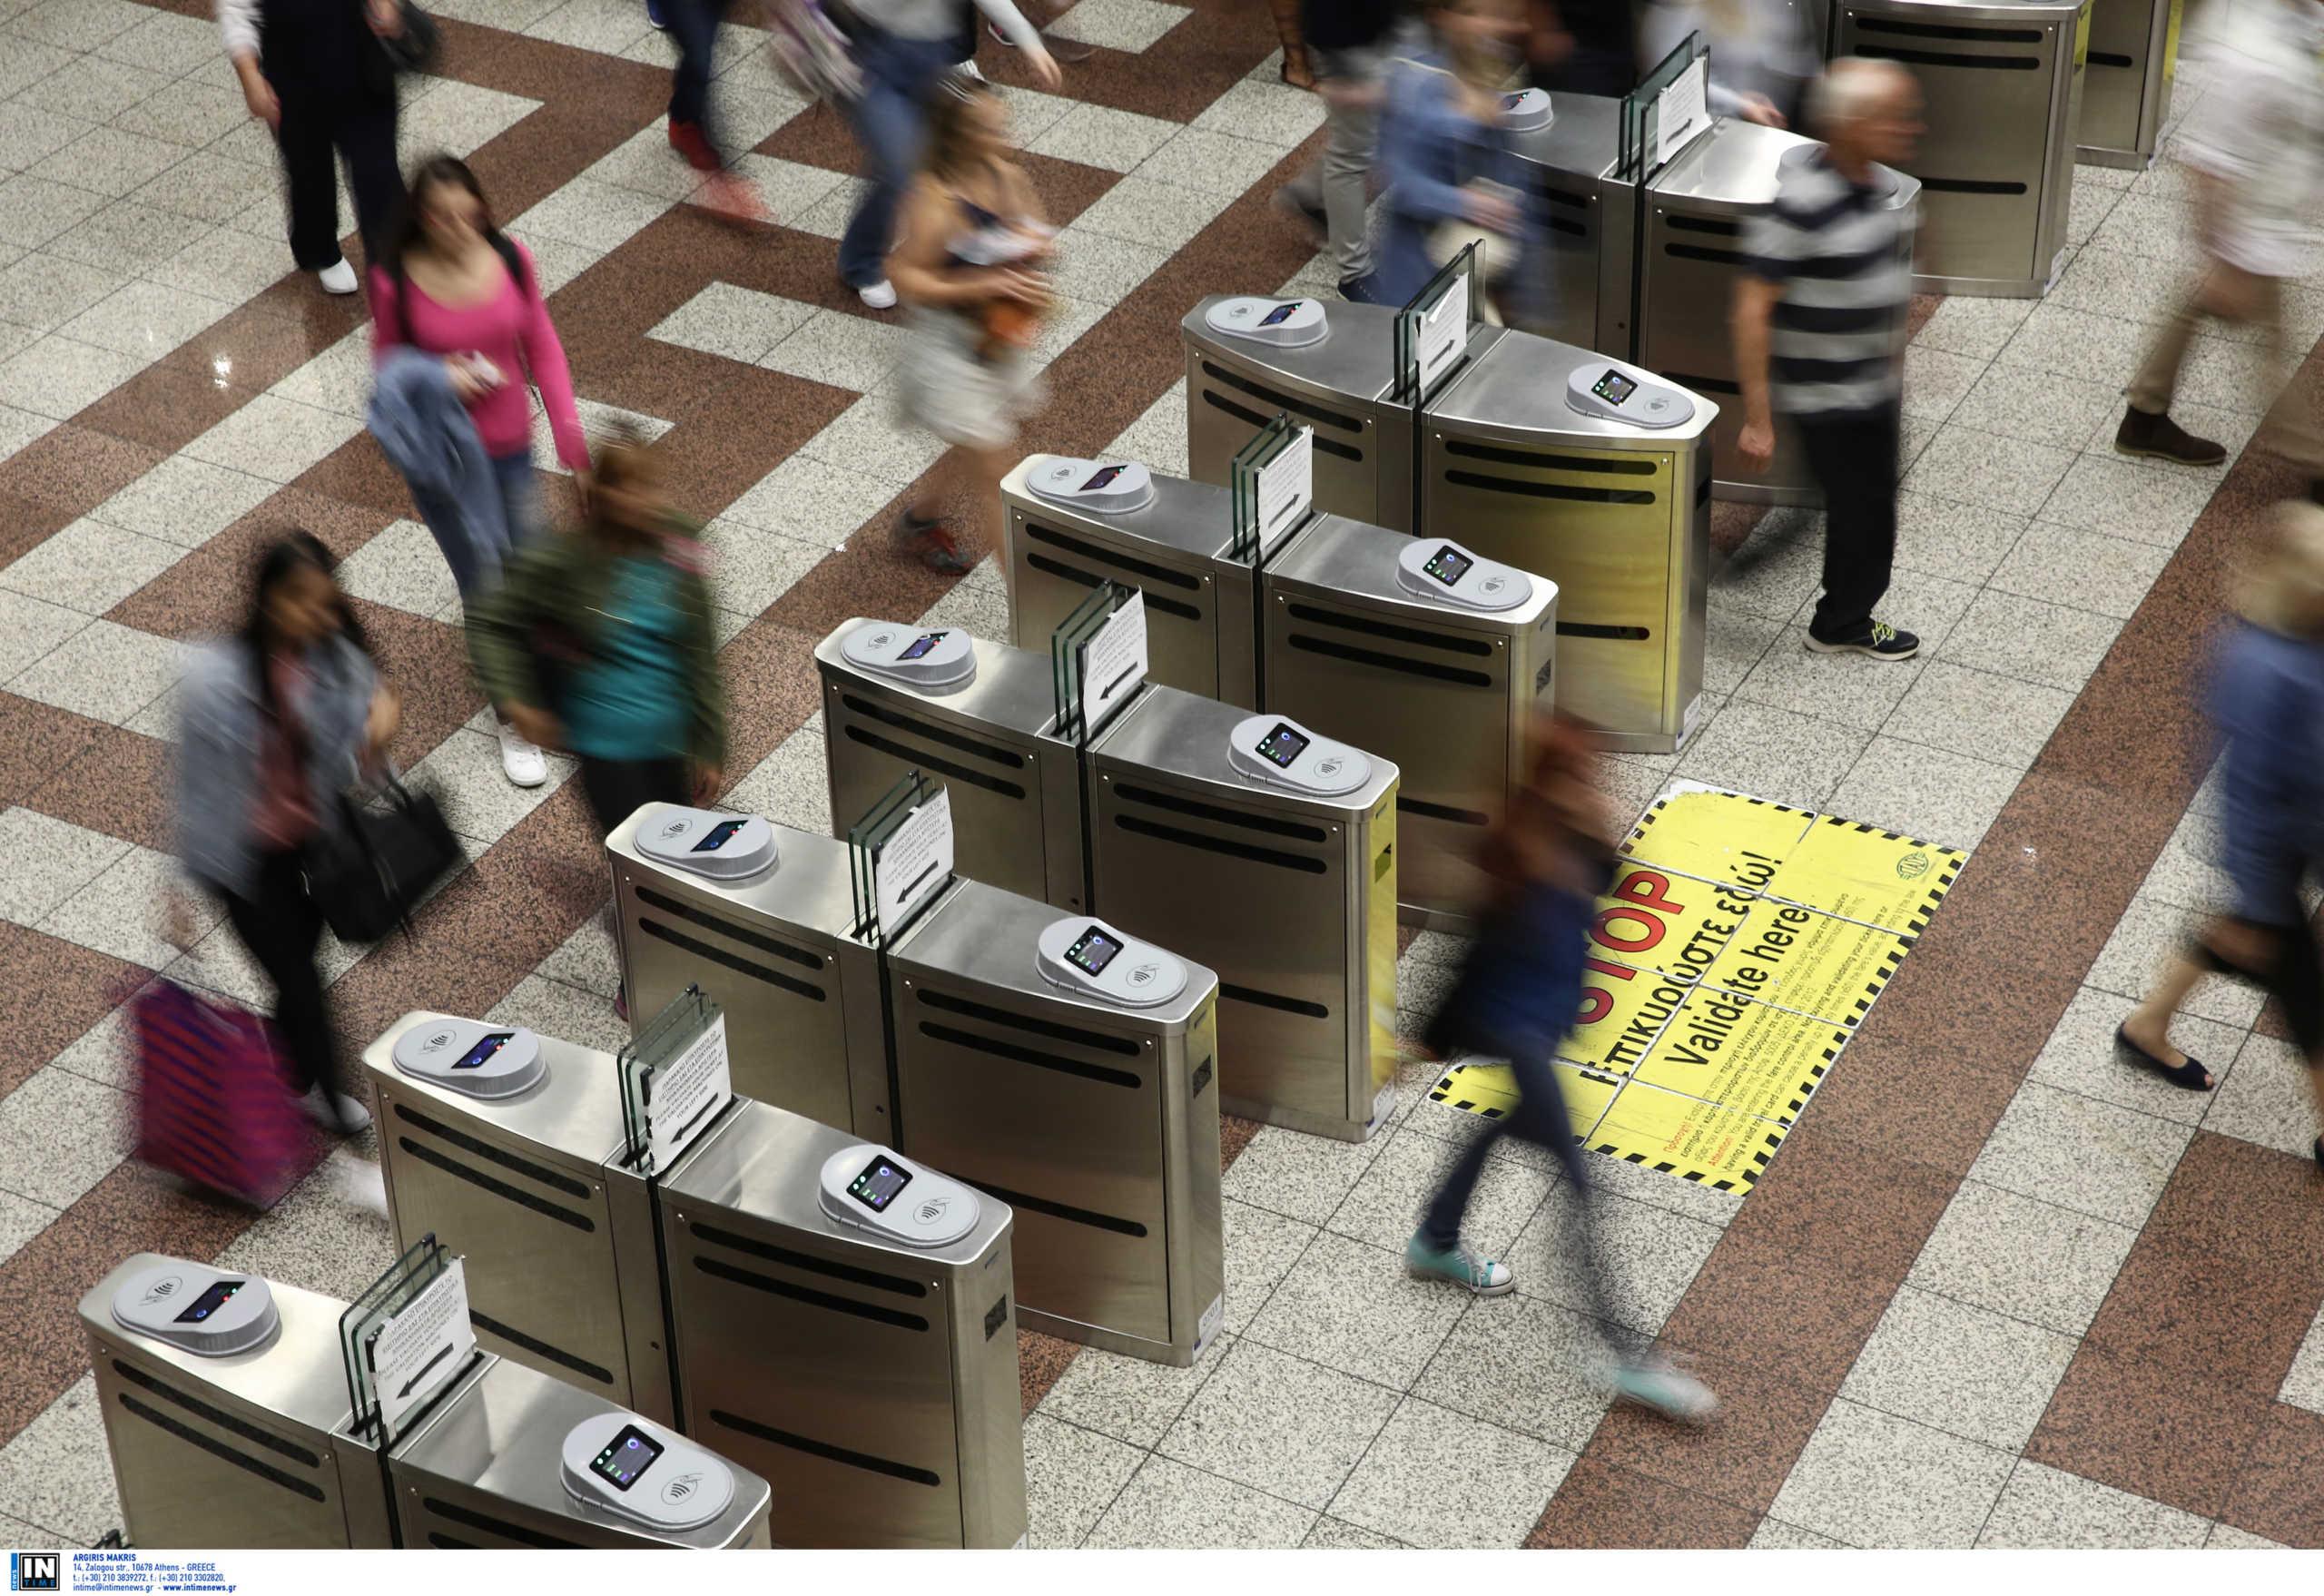 Κορονοϊός: Πώς θα αποζημιωθούν οι κάτοχοι καρτών στα Μέσα Μαζικής Μεταφοράς